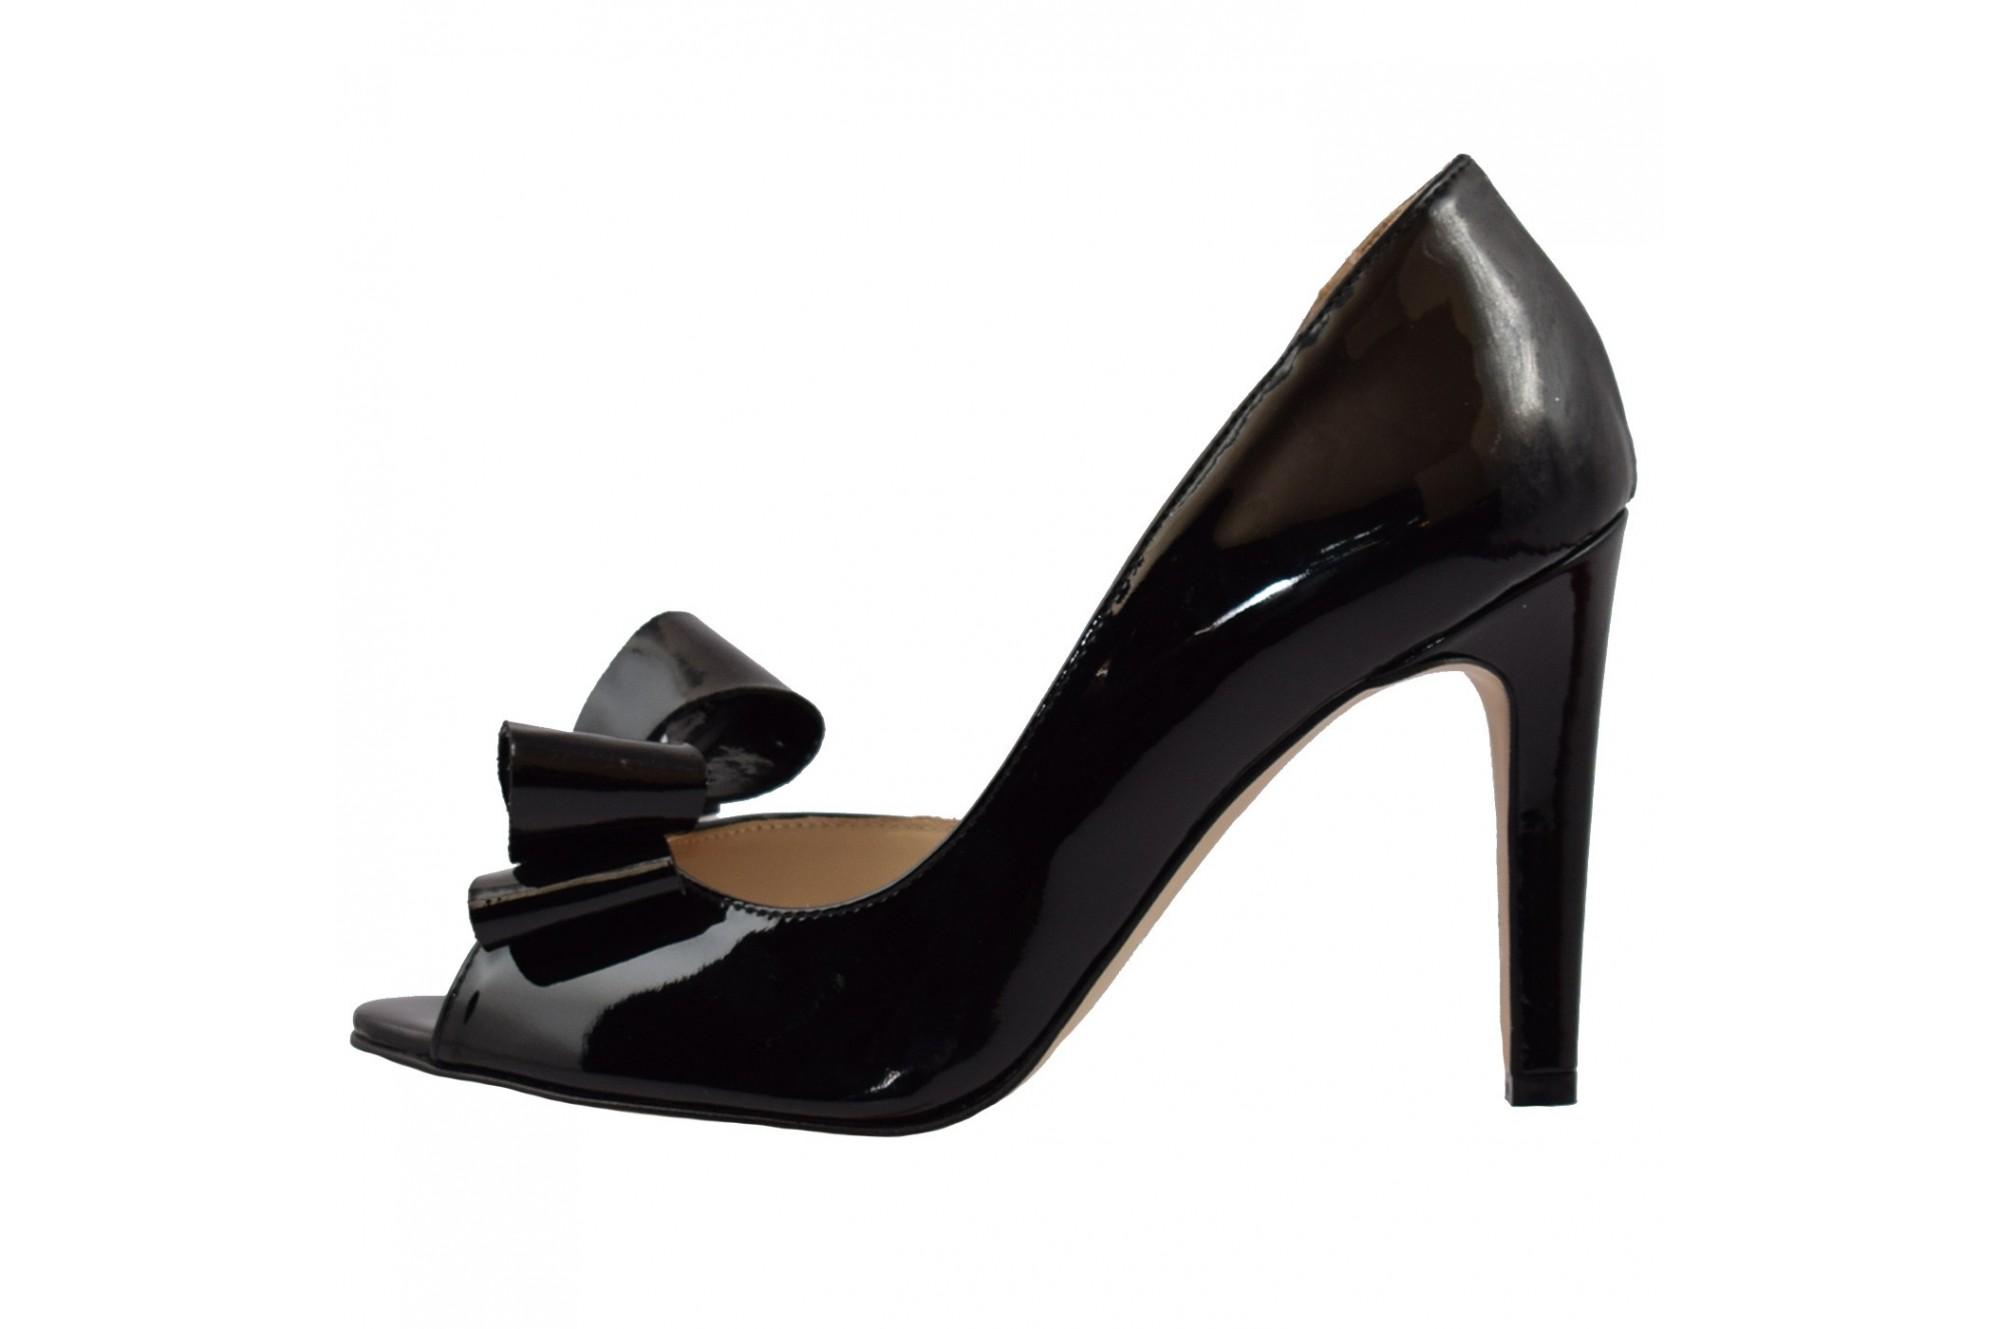 transport gratuit imagini detaliate nou ridicat Pantofi dama din piele naturala marca guban cod 1089 culoare negru